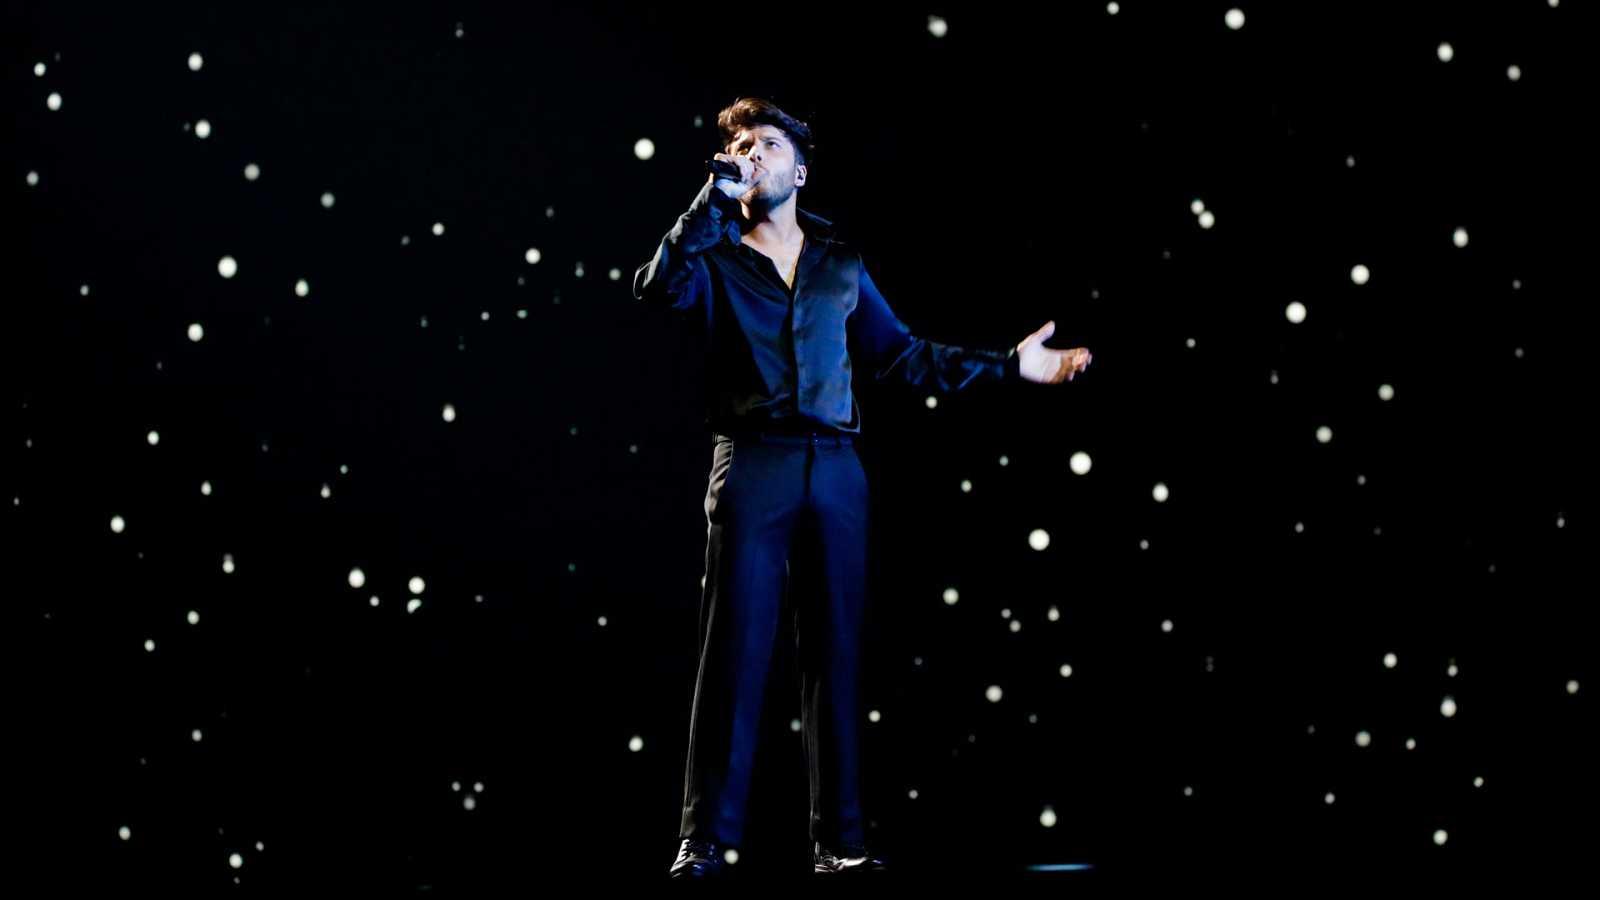 Eurovisión 2021 - Segundo pase de Blas Cantó en su primer ensayo